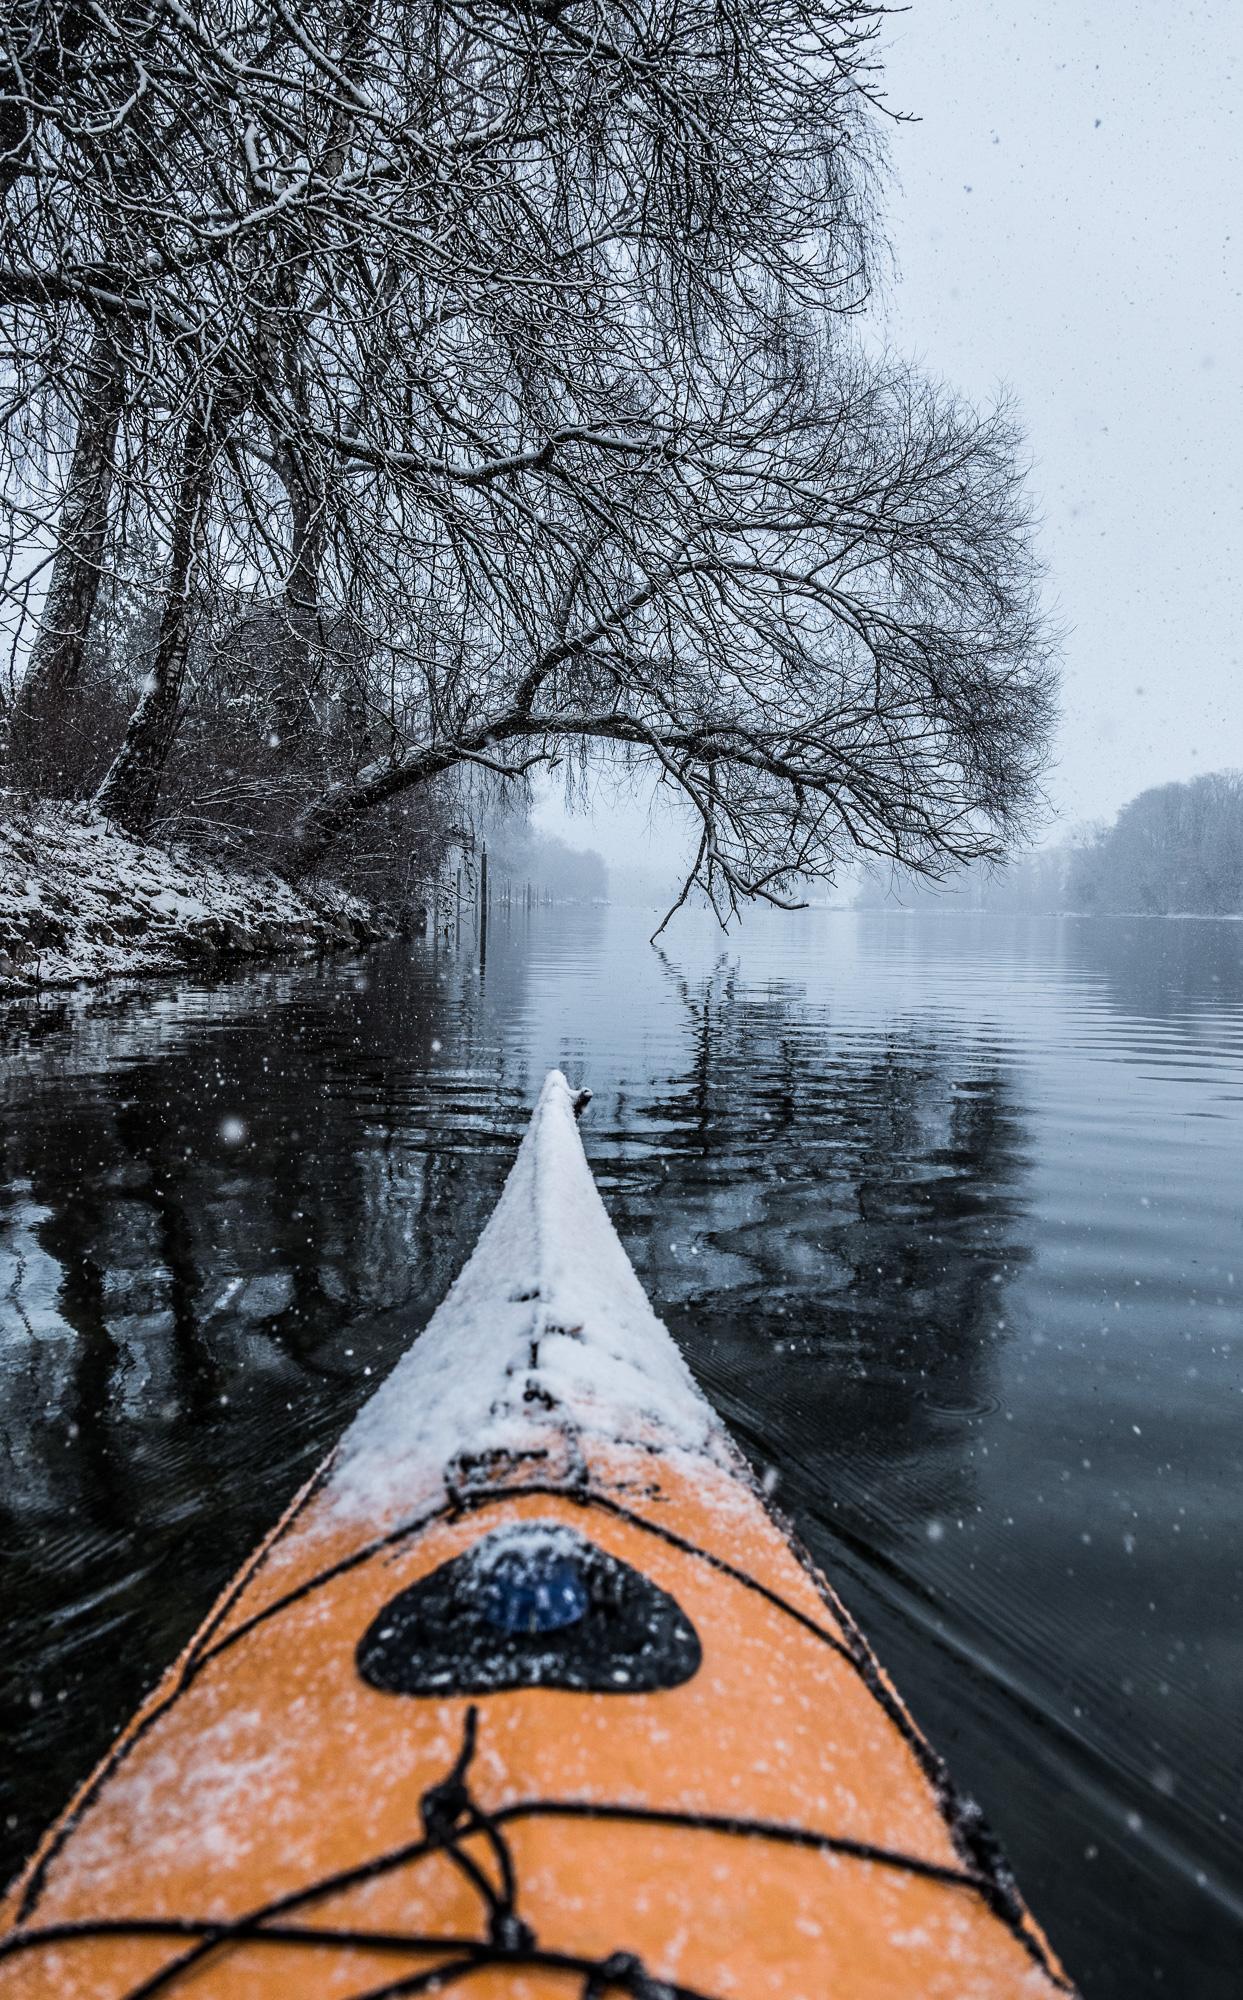 20170115_winterkajaken_P1070569.jpg